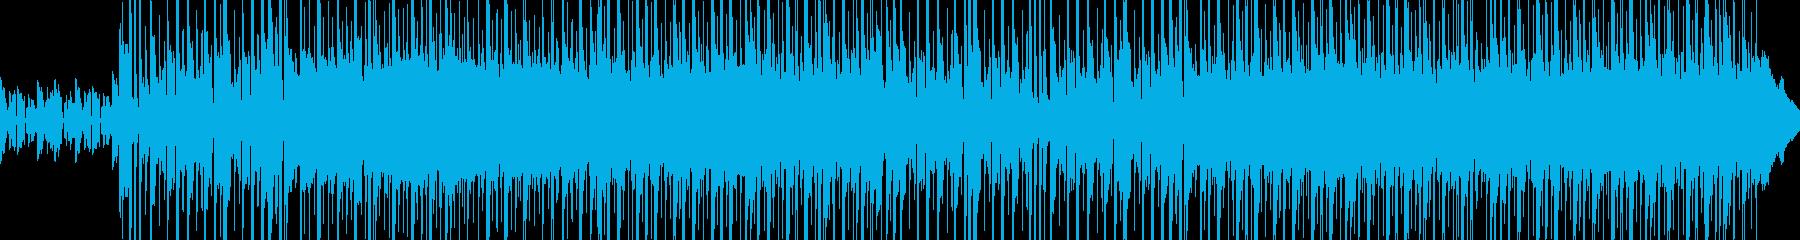 明るいやさしいおしゃれレトロなエレピの再生済みの波形